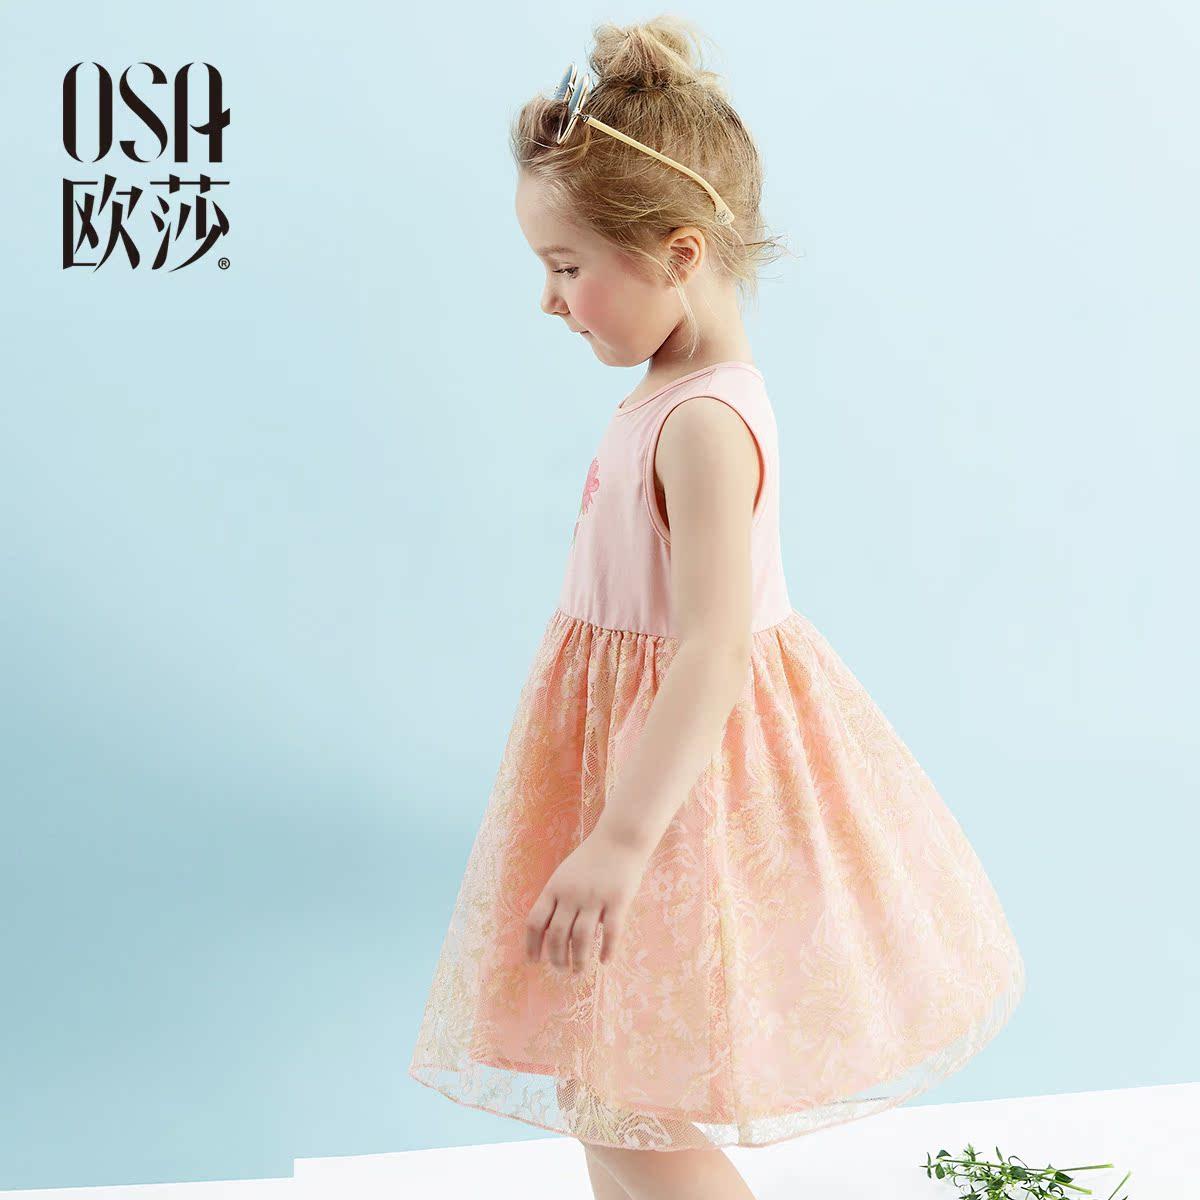 OSA歐莎 2016夏裝 花朵印花無袖女童連衣裙 S316B13276